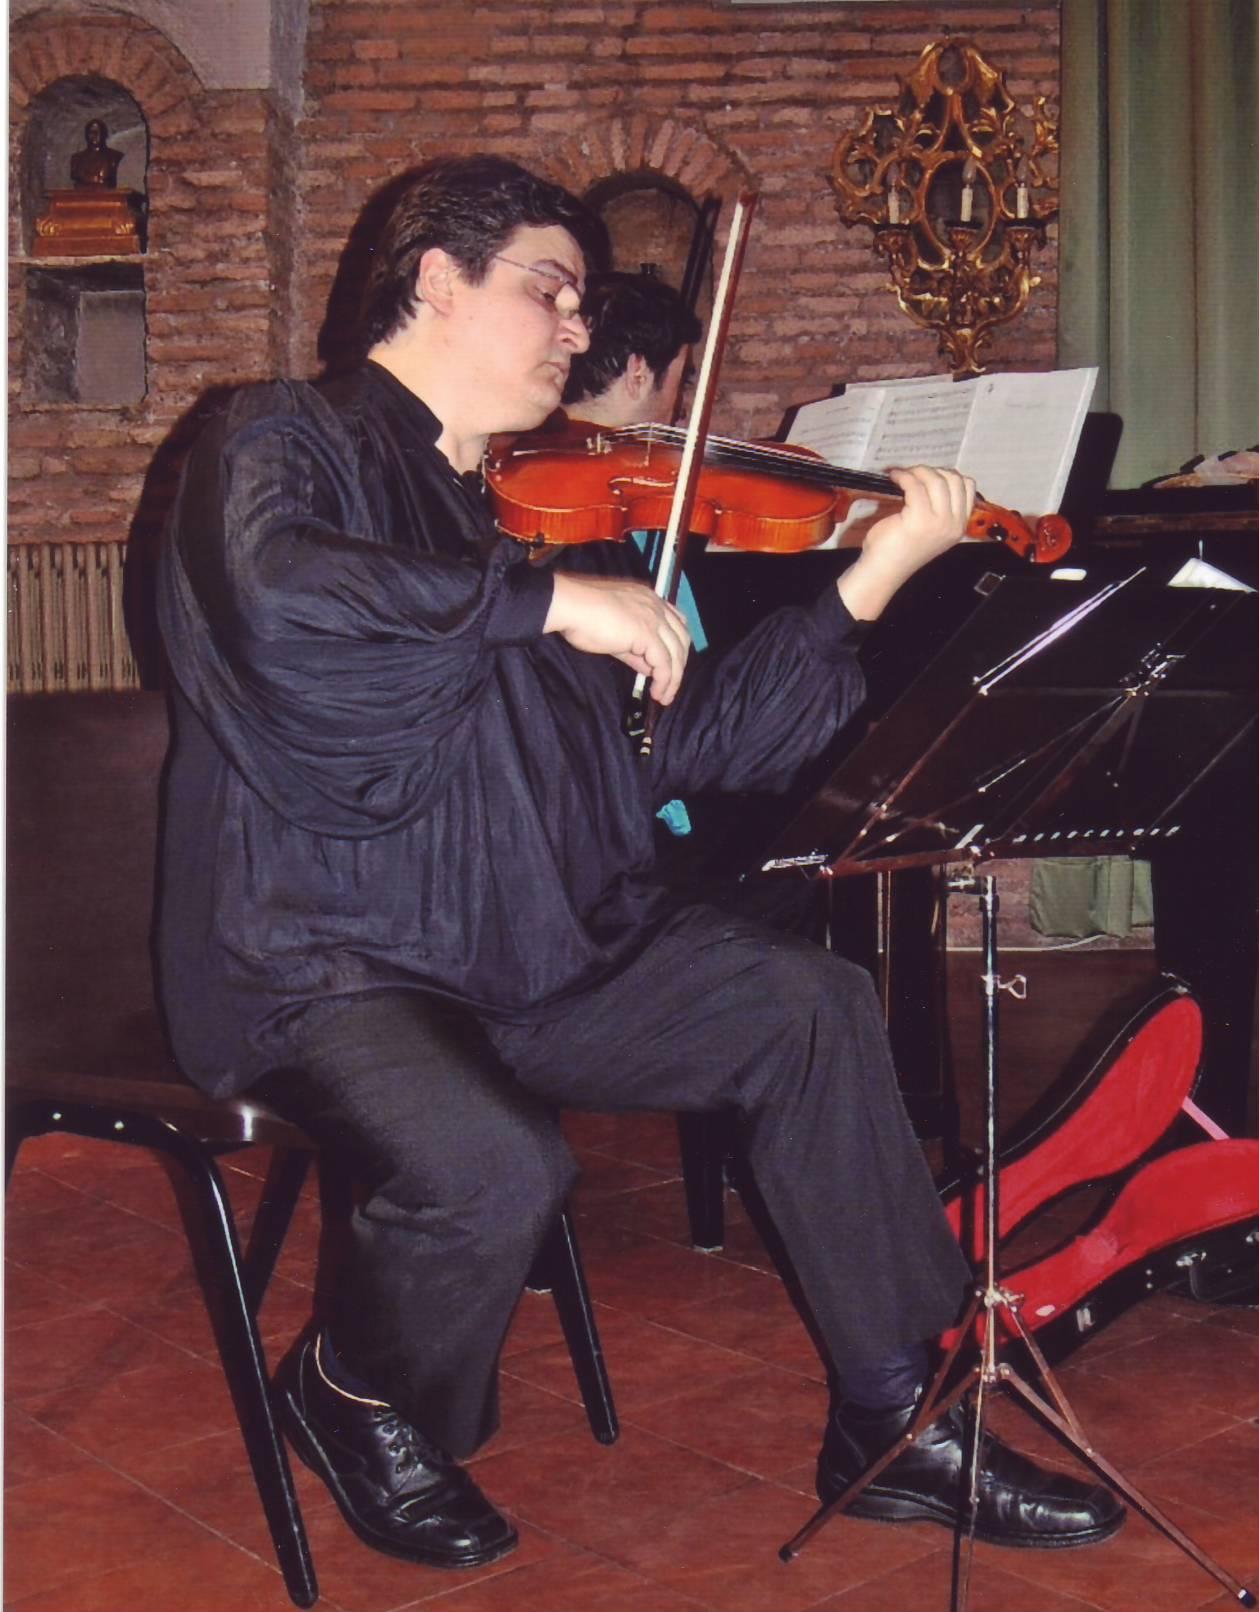 alberto-canzone-napoletana-2007